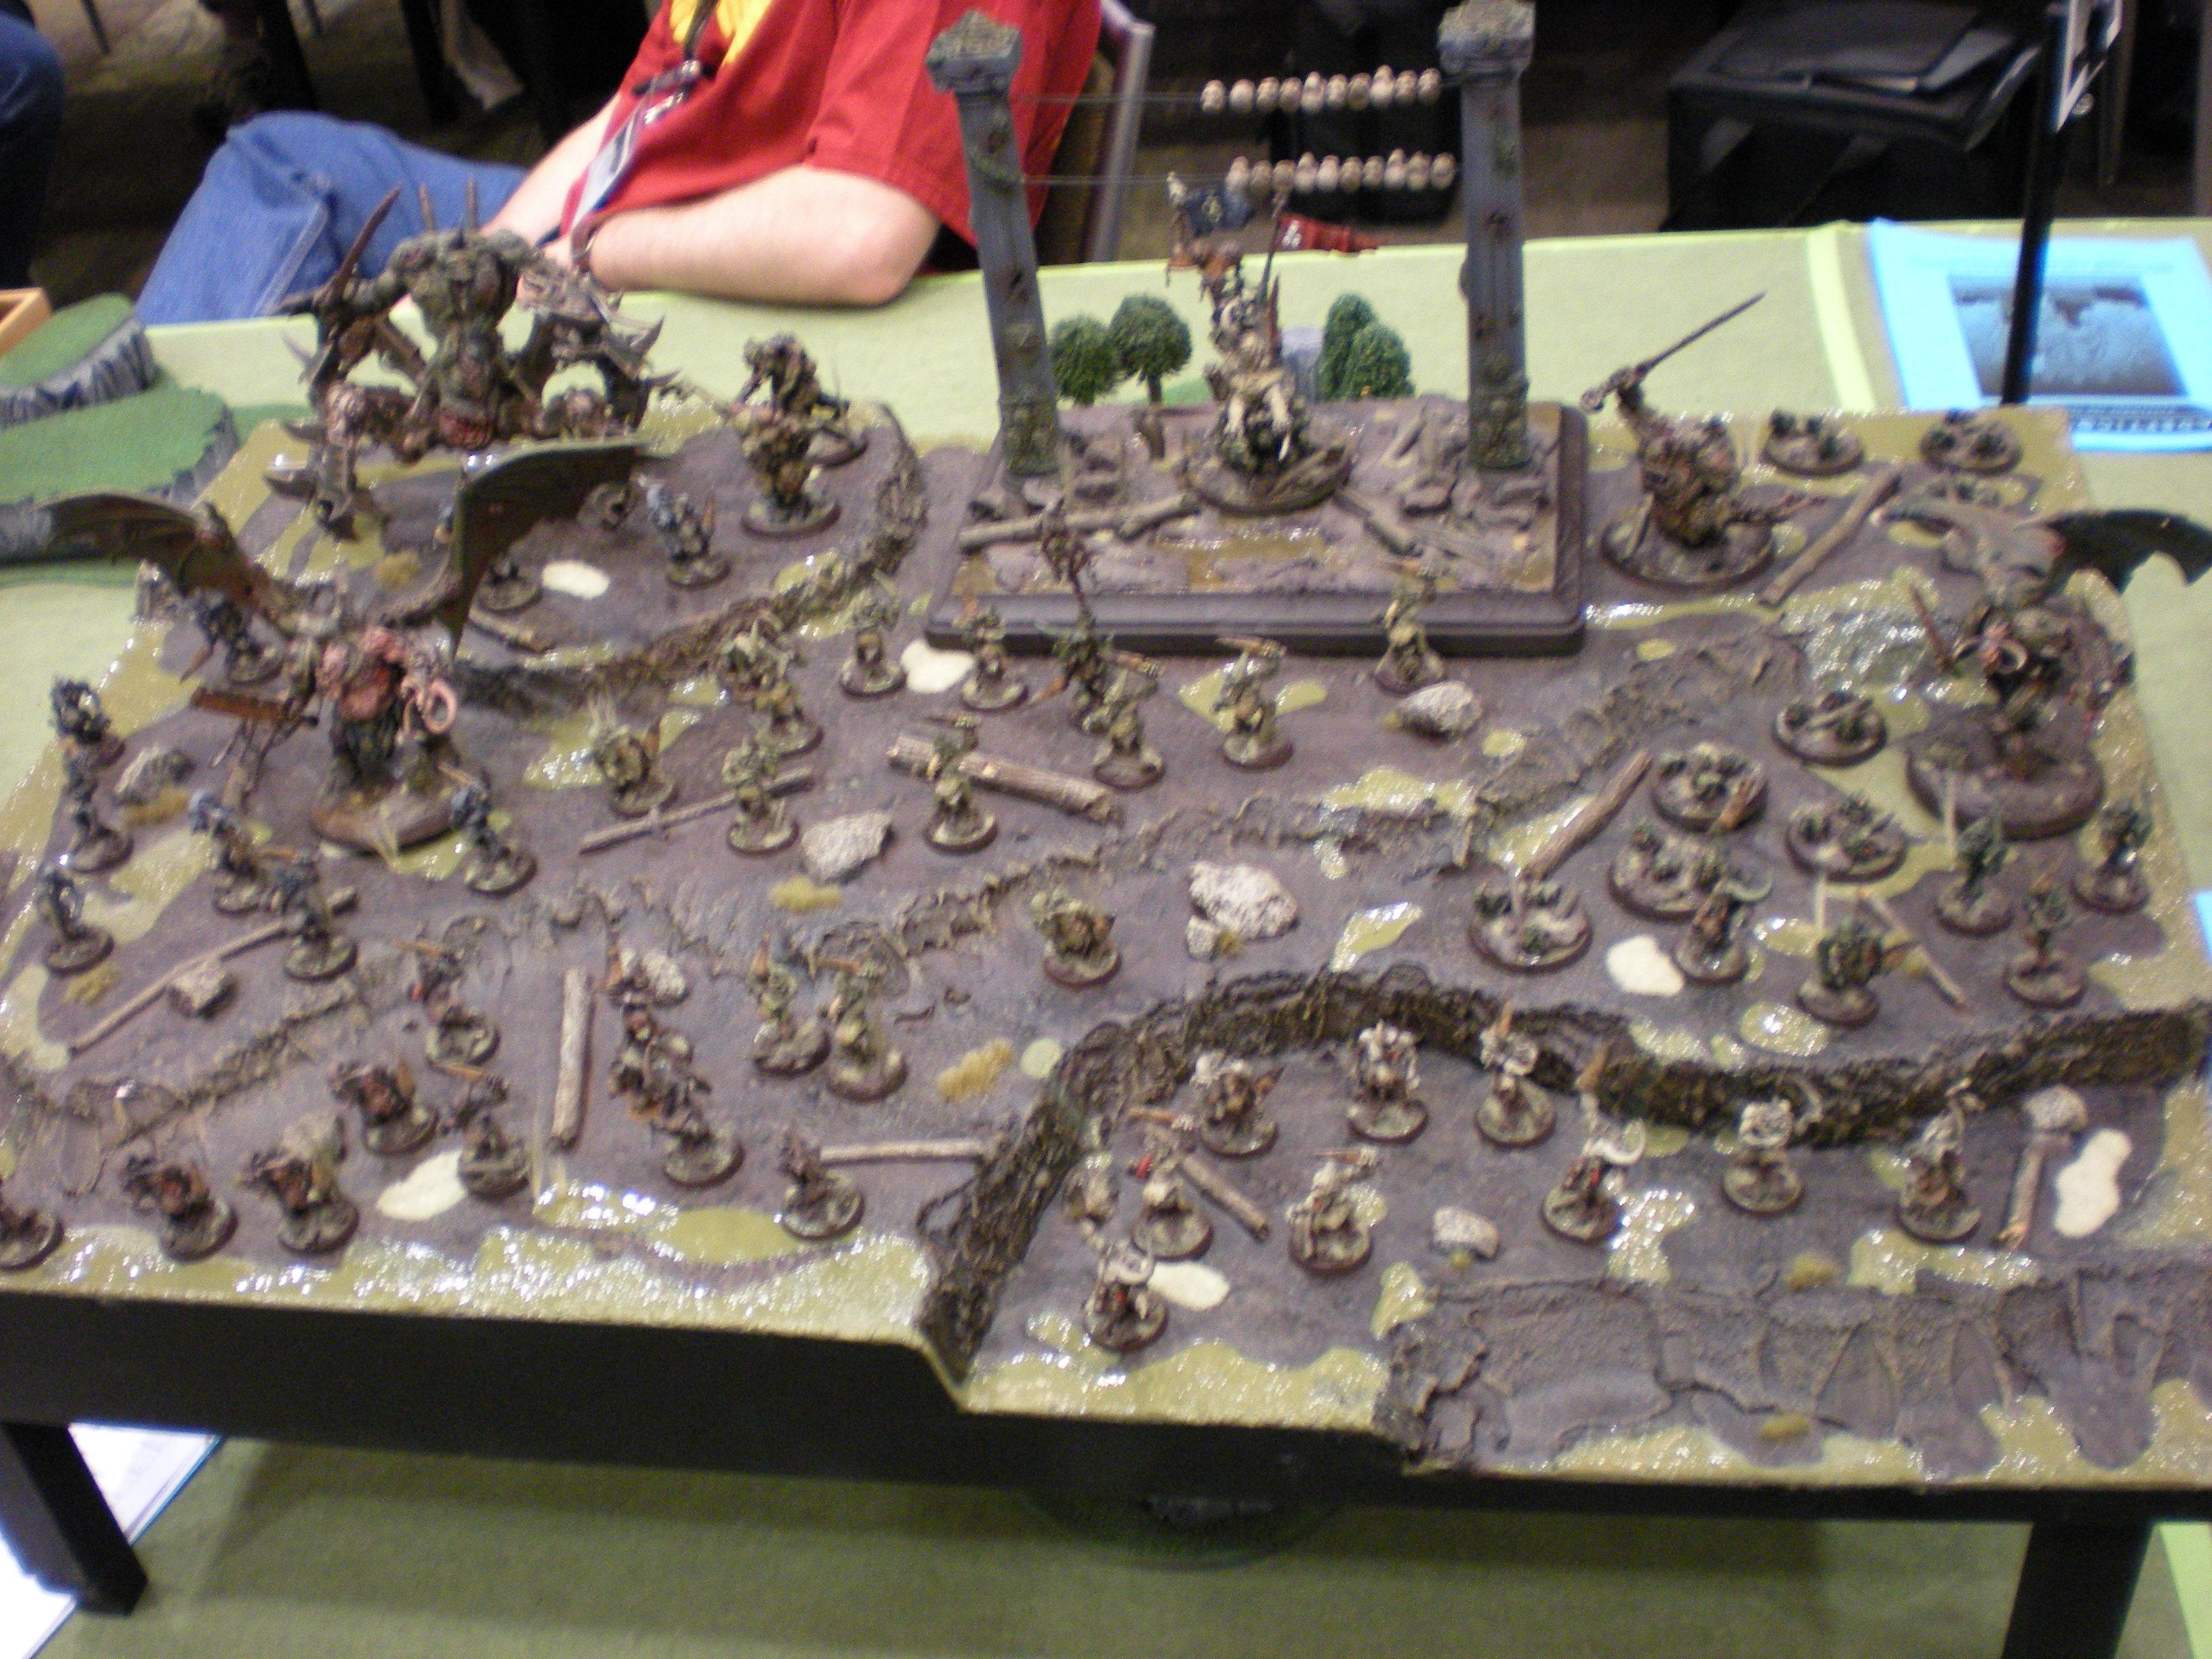 Blurred Photo, Daemons, Nurgle, Warhammer 40,000